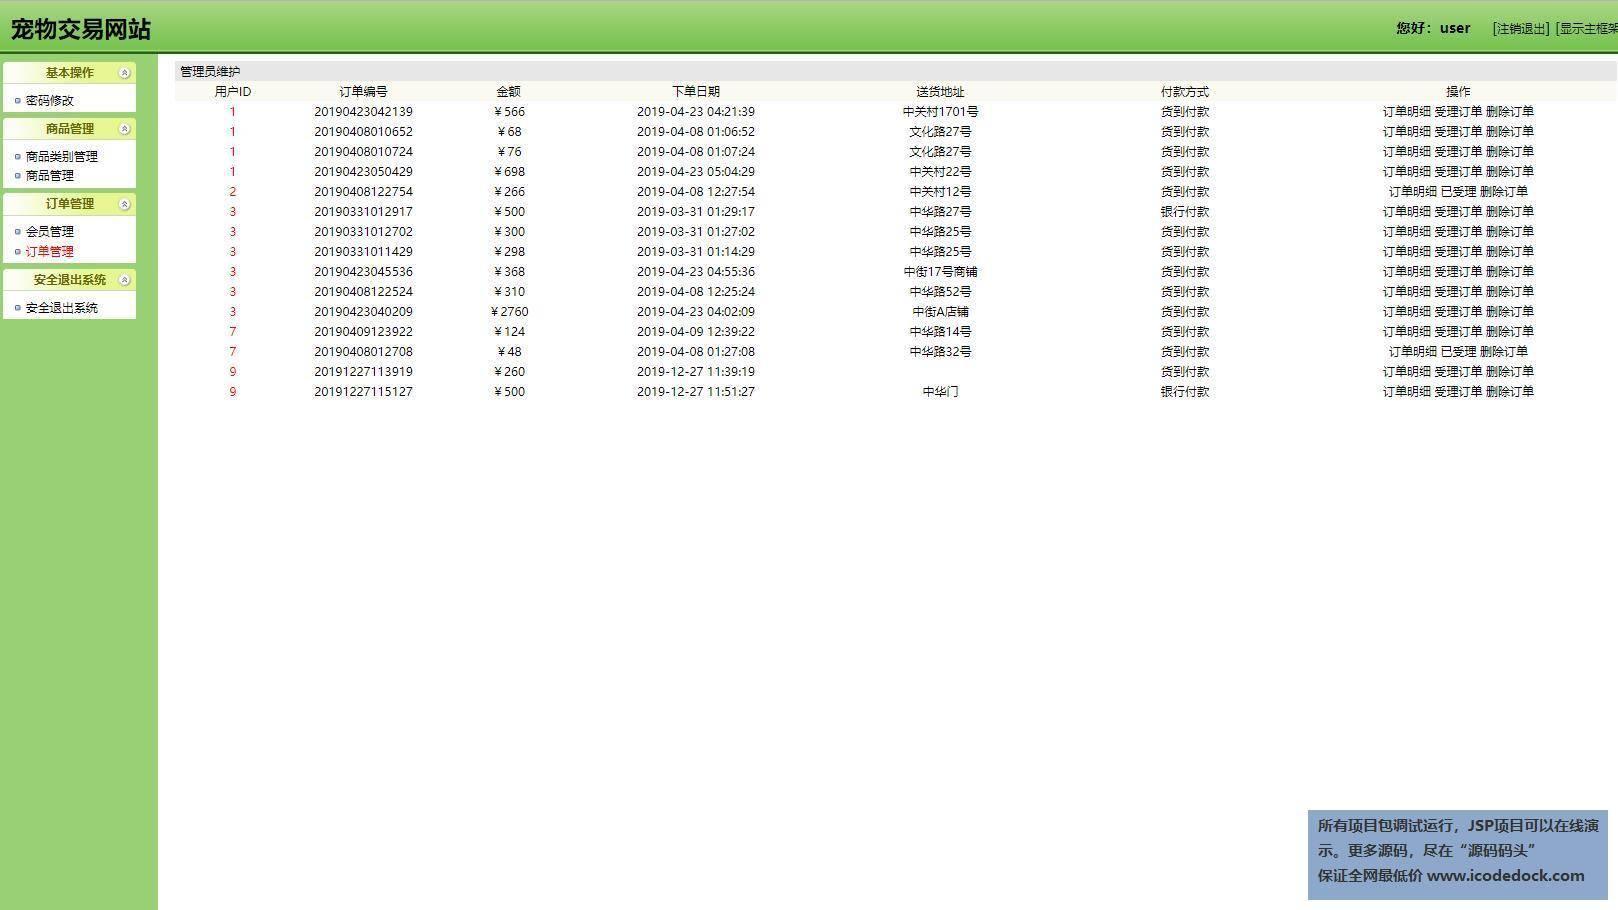 源码码头-SSH宠物交易管理系统-员工角色-订单管理